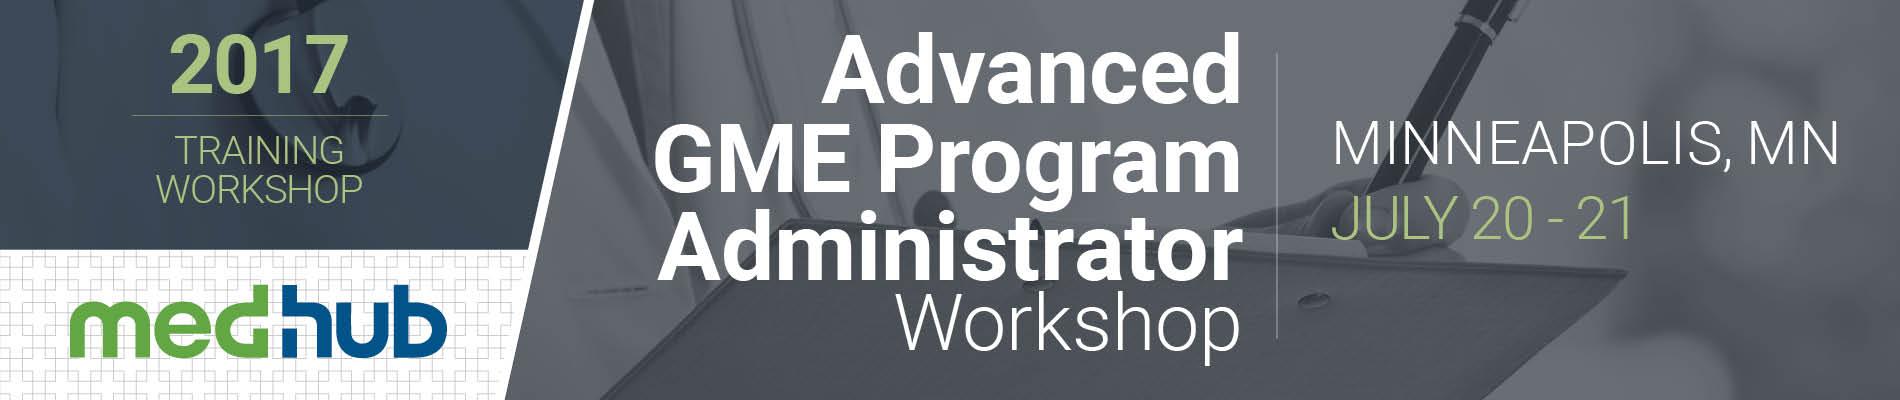 MedHub Advanced GME Program Coordinator Workshop (July 20-21)